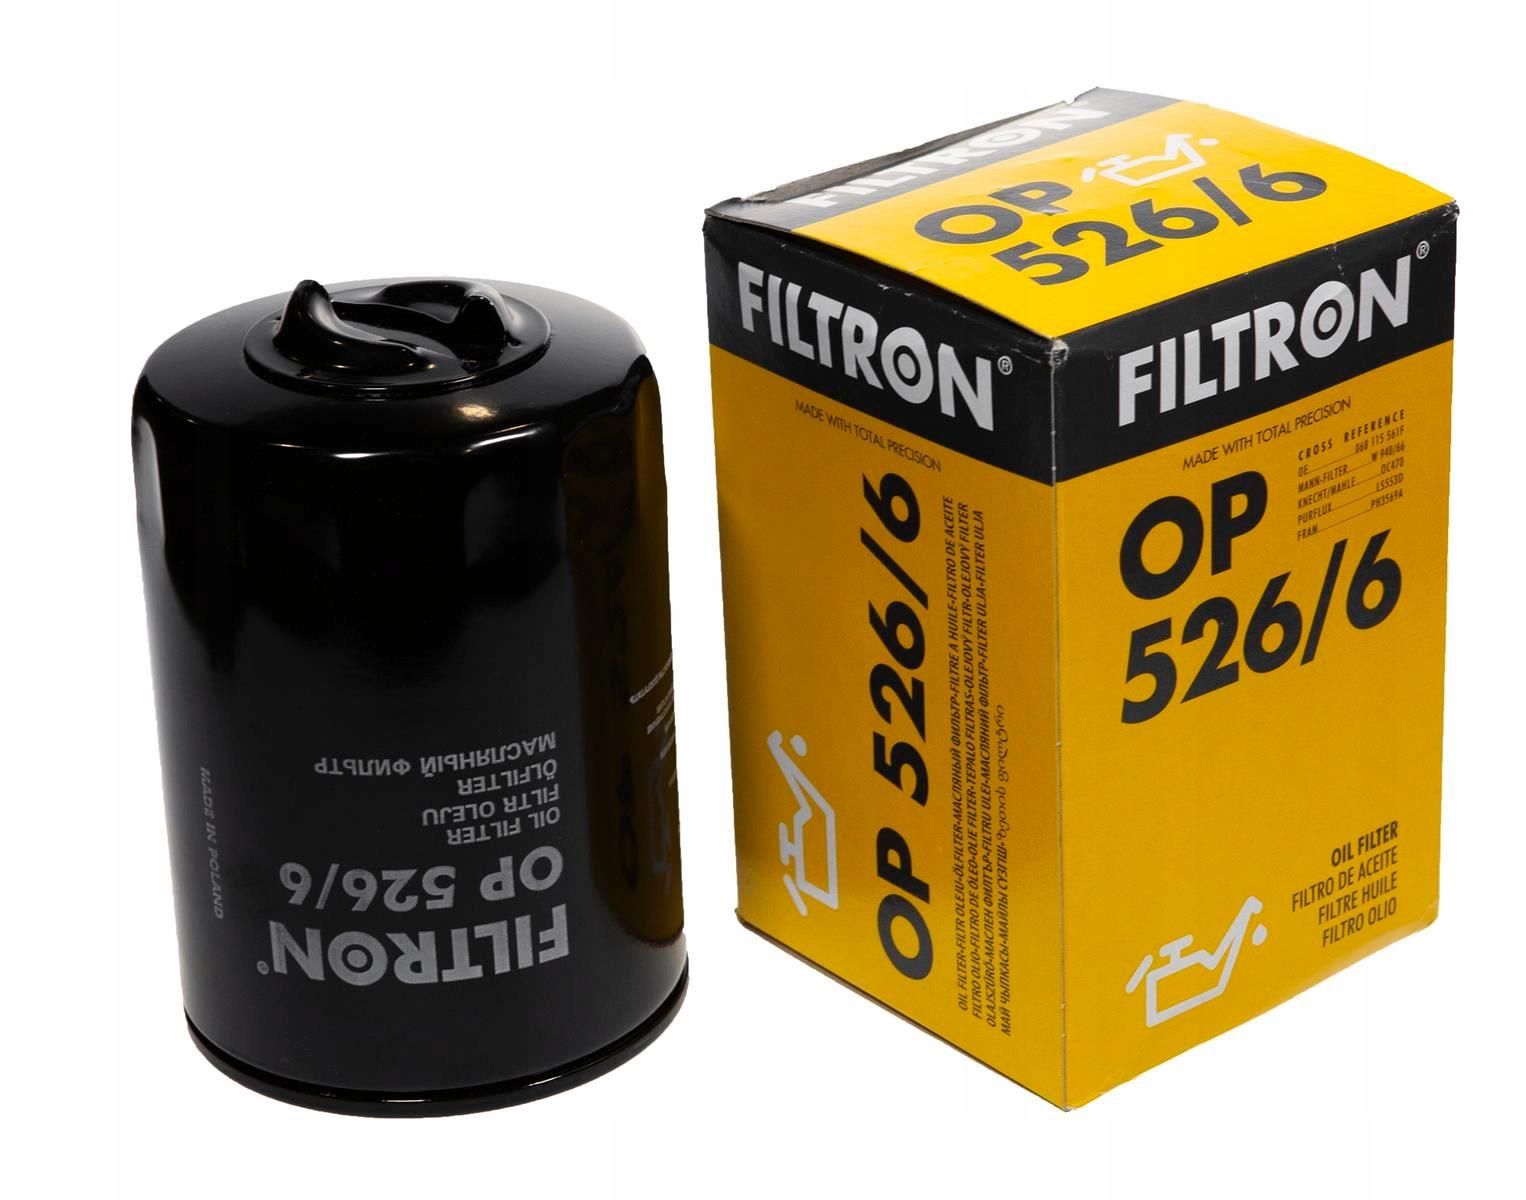 фильтр масла filtron кол-во в упак 5266